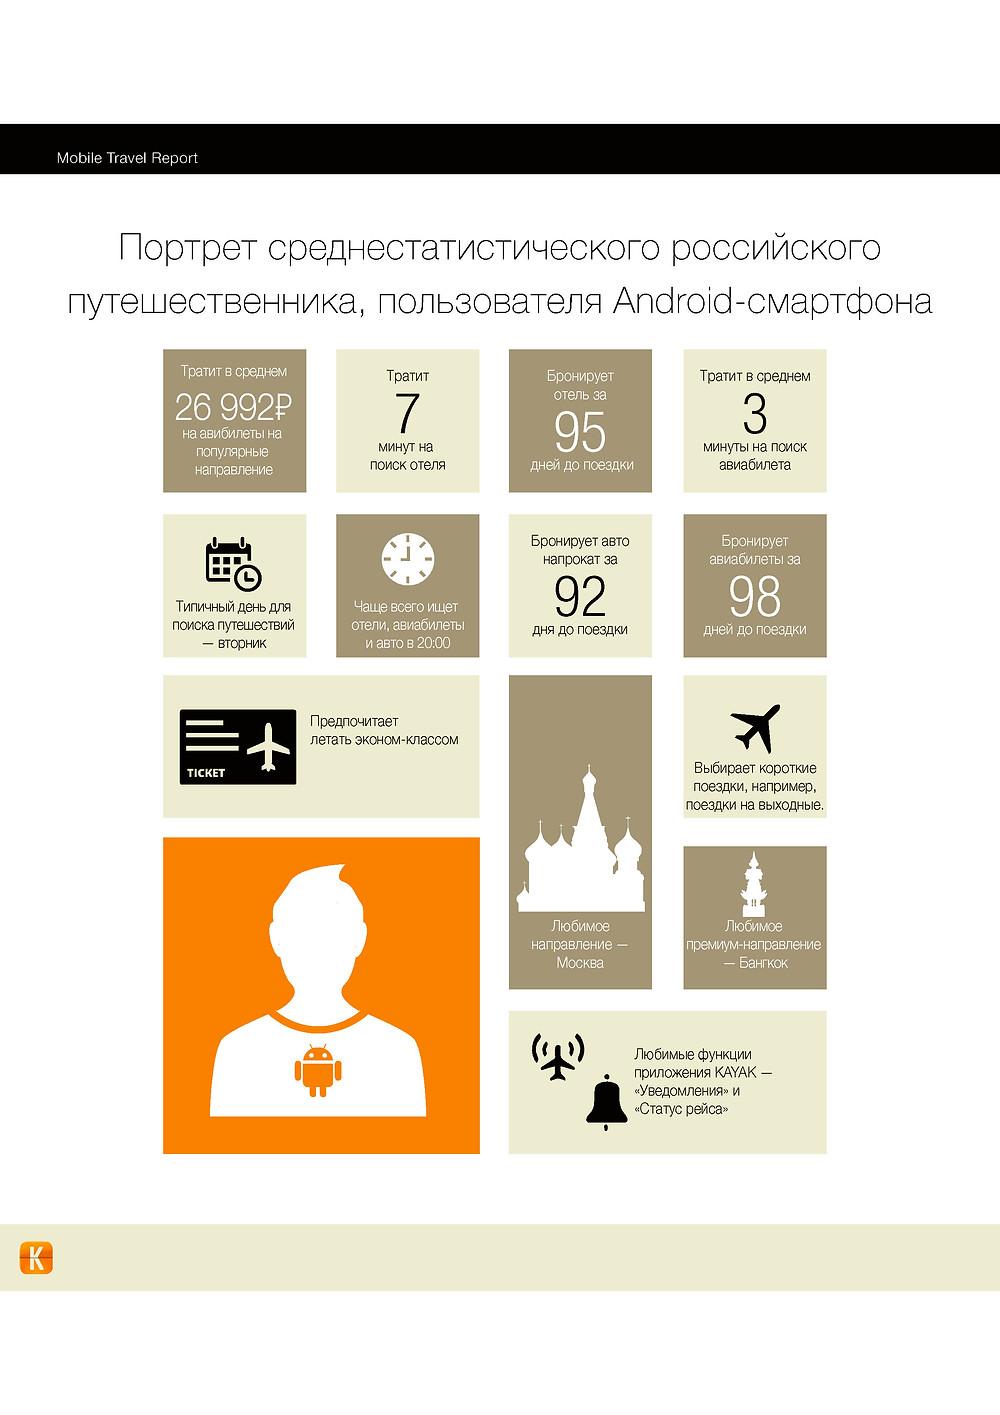 MobileTravelReport_Инфографика-23.jpg